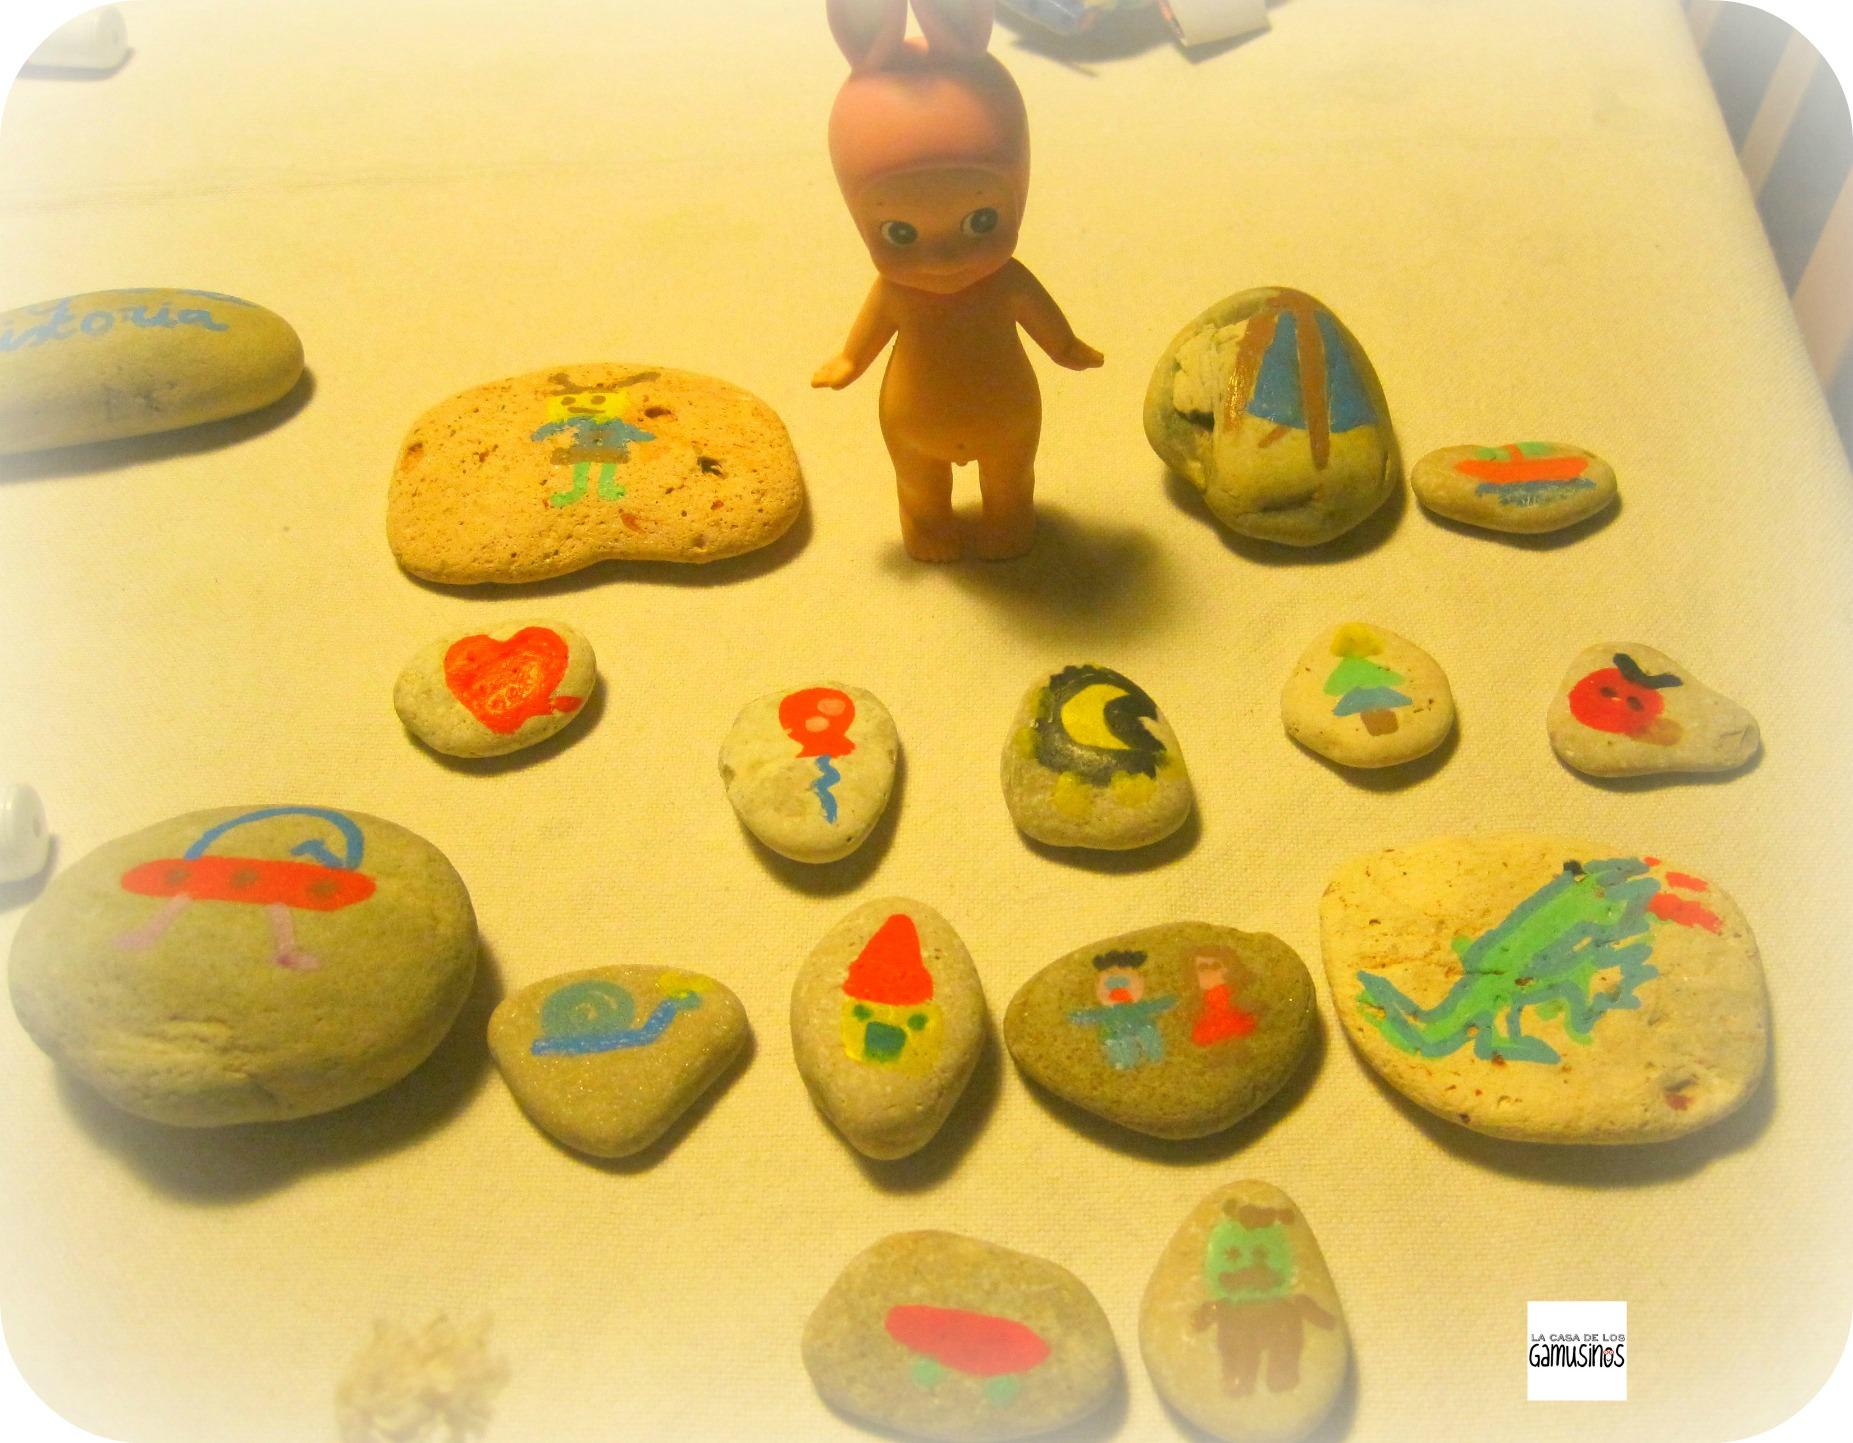 Juego de piedras la casa de los gamusinos - Dibujos de piedras ...